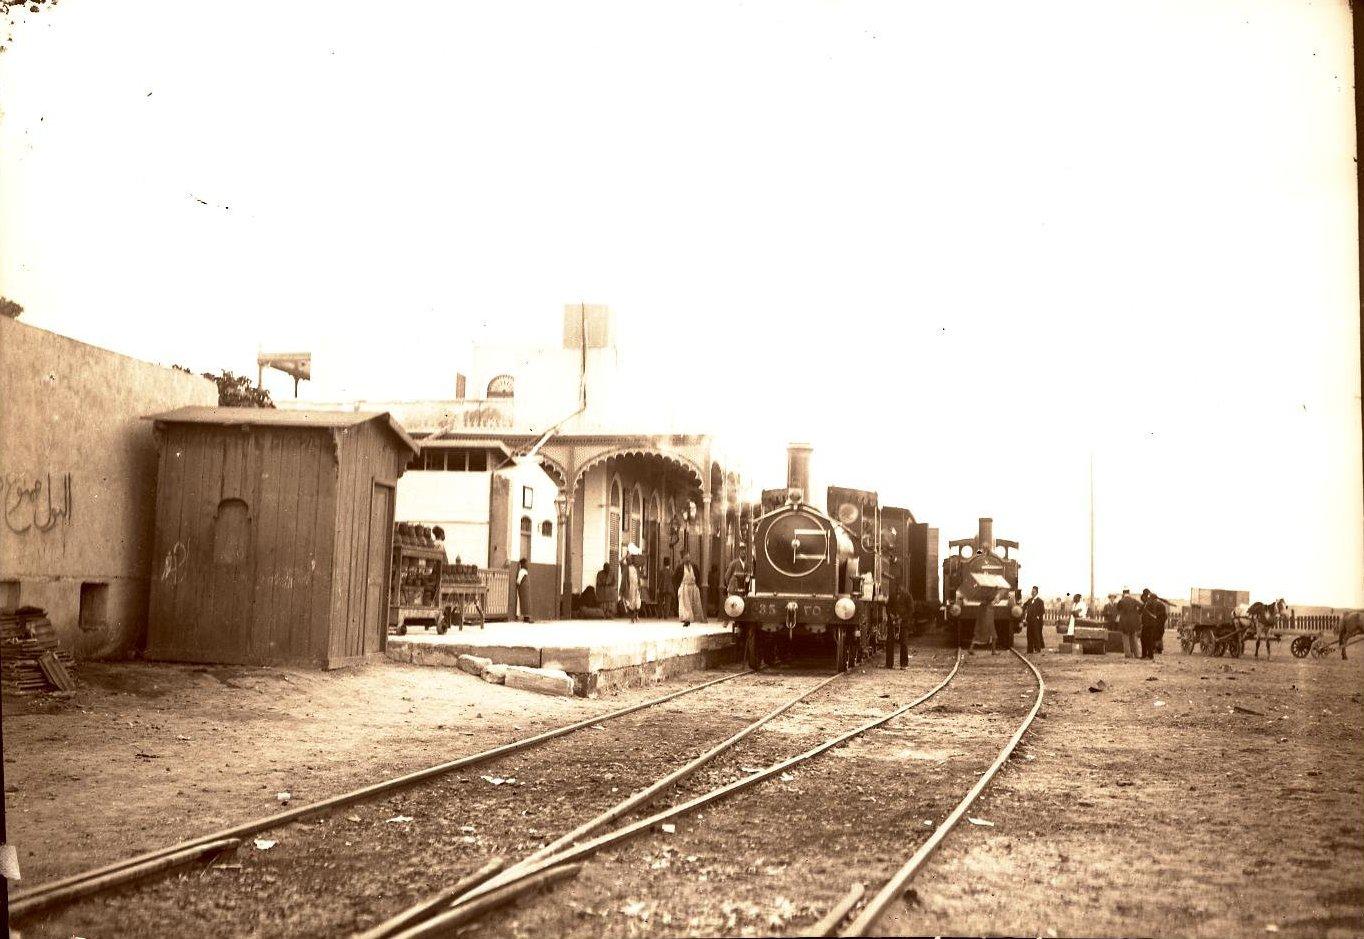 08. Измаилия. Египет. Вид на железнодорожную станцию